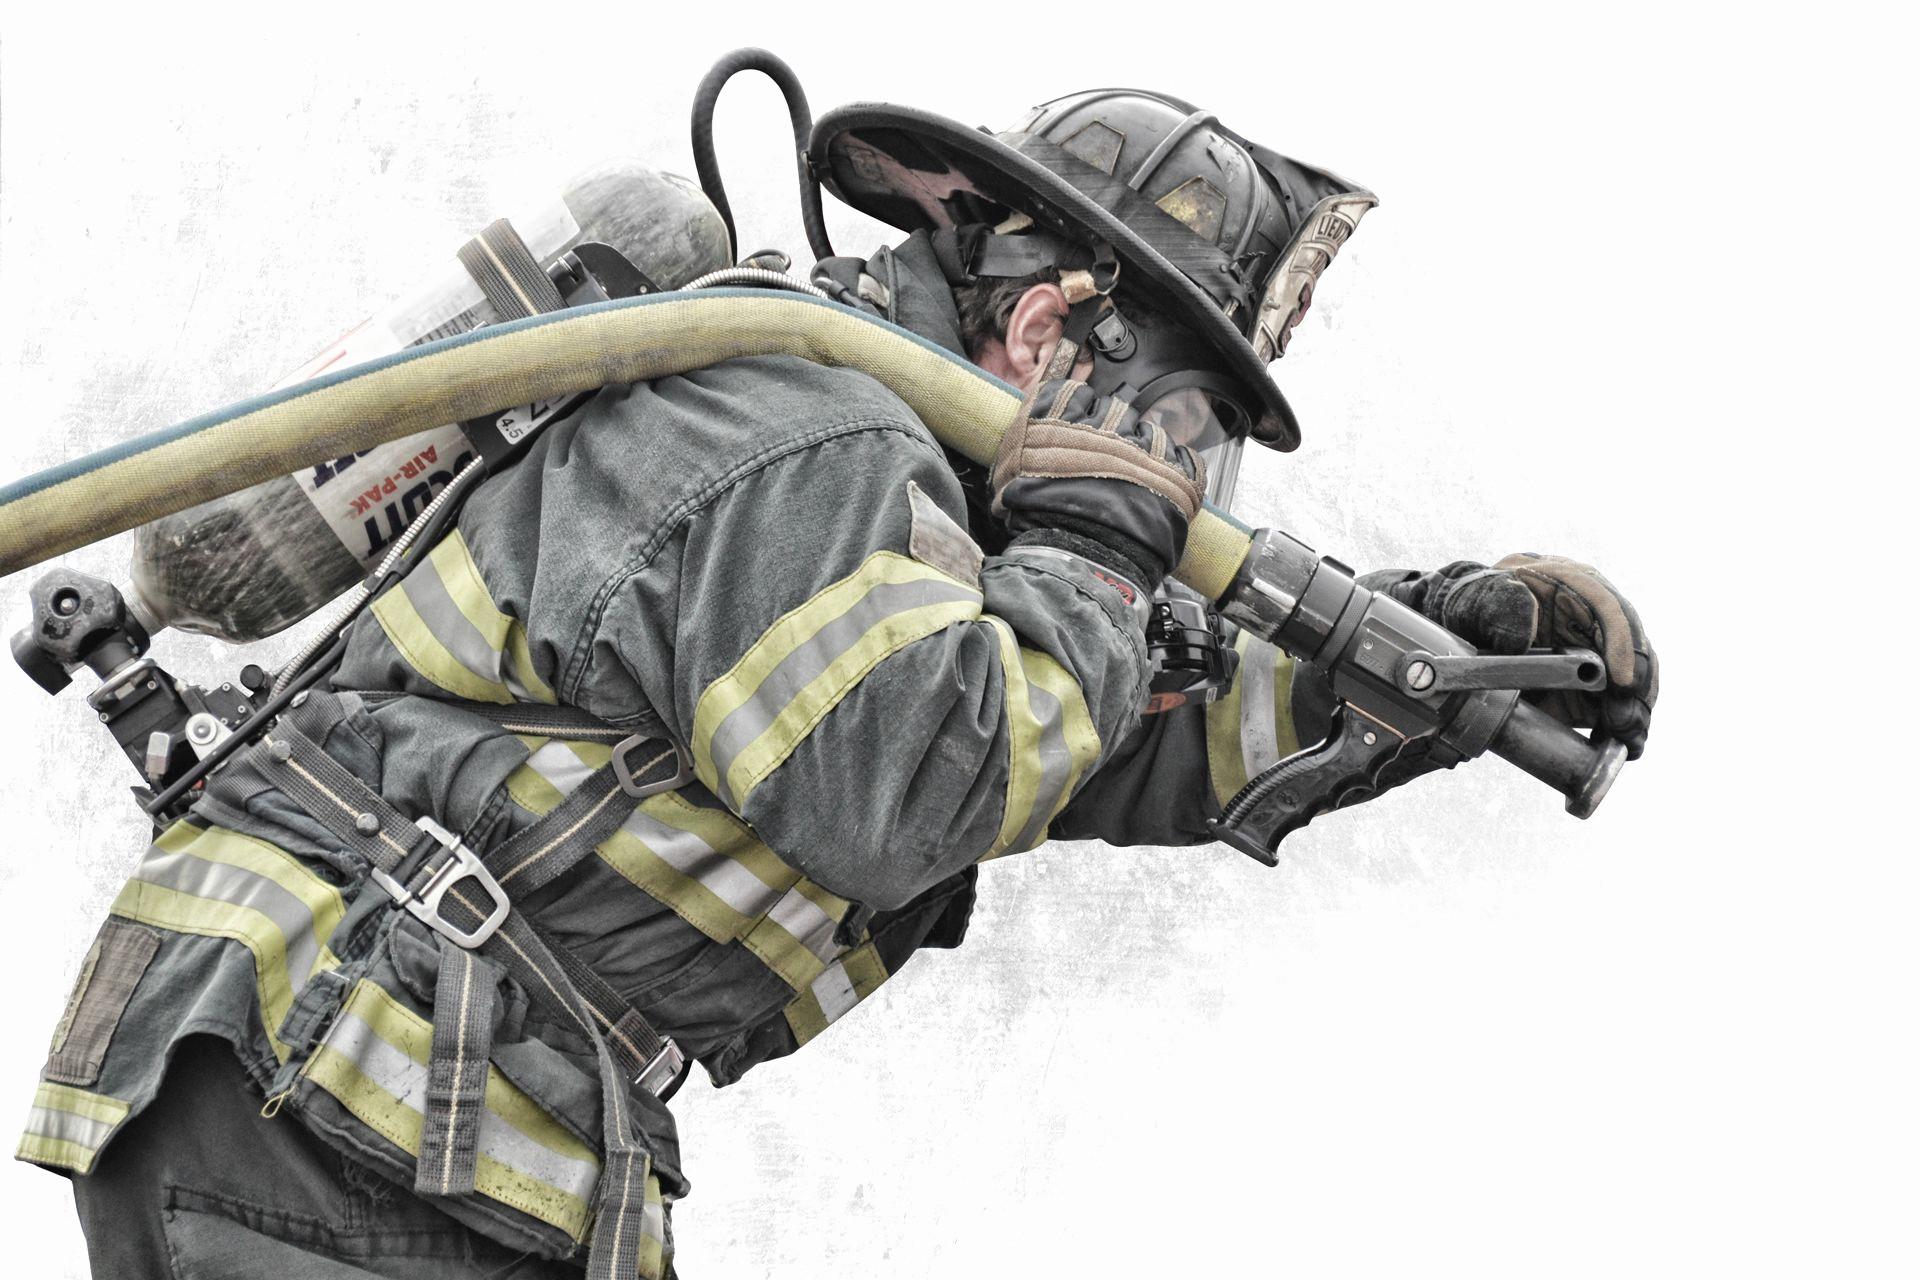 Res: 1920x1280, Firefighter Wallpaper Inspirational Firefighter Desktop Wallpaper  Firefighting